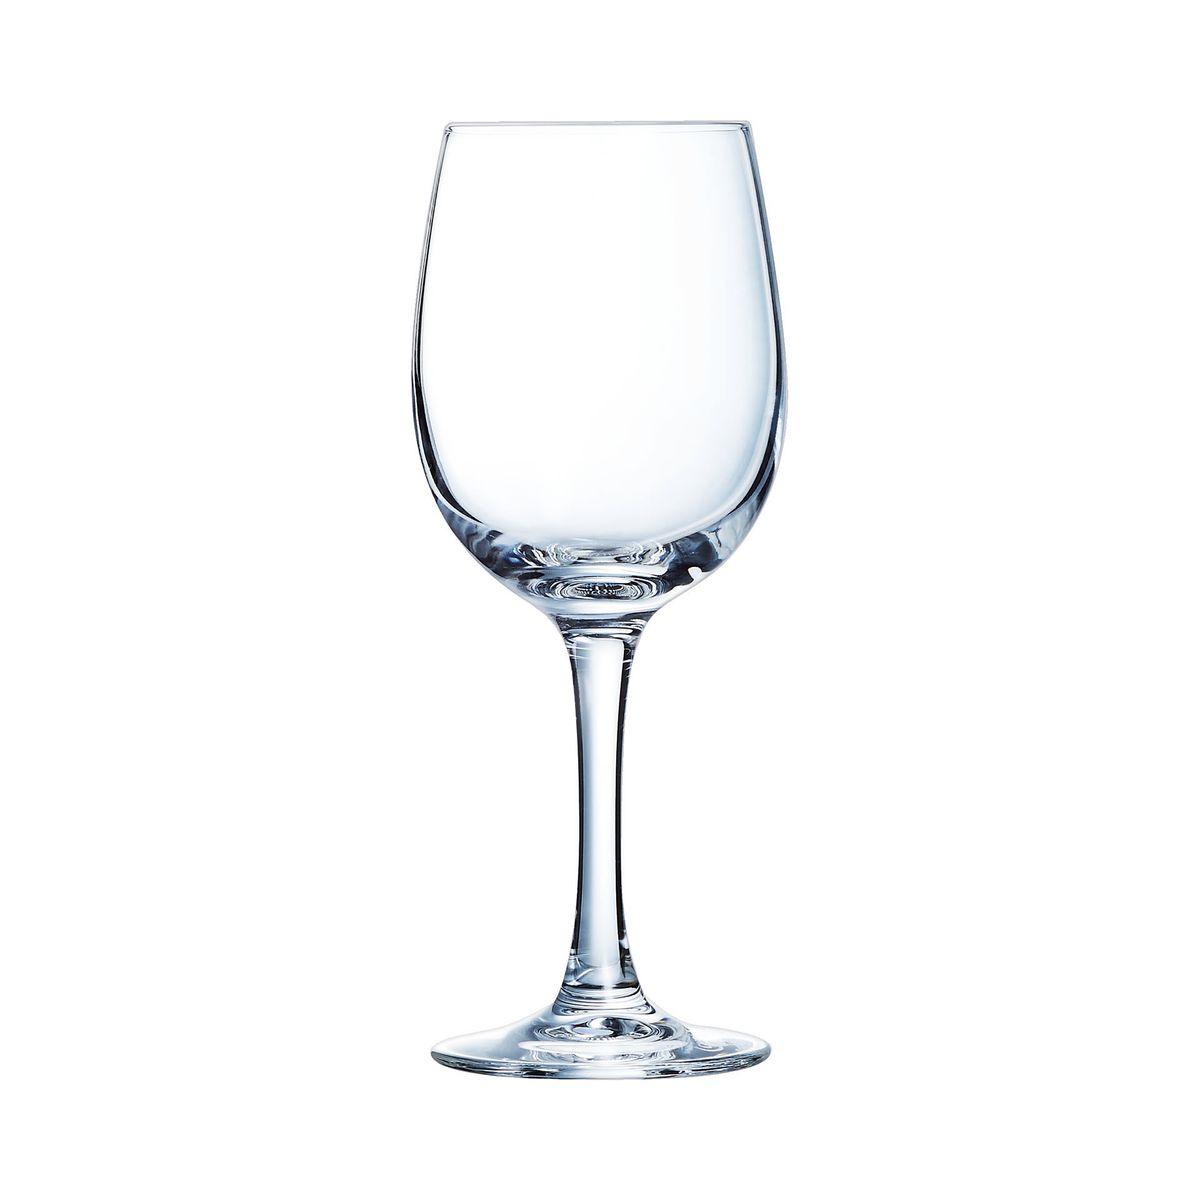 Verres à vin 19cl - Lot de 6